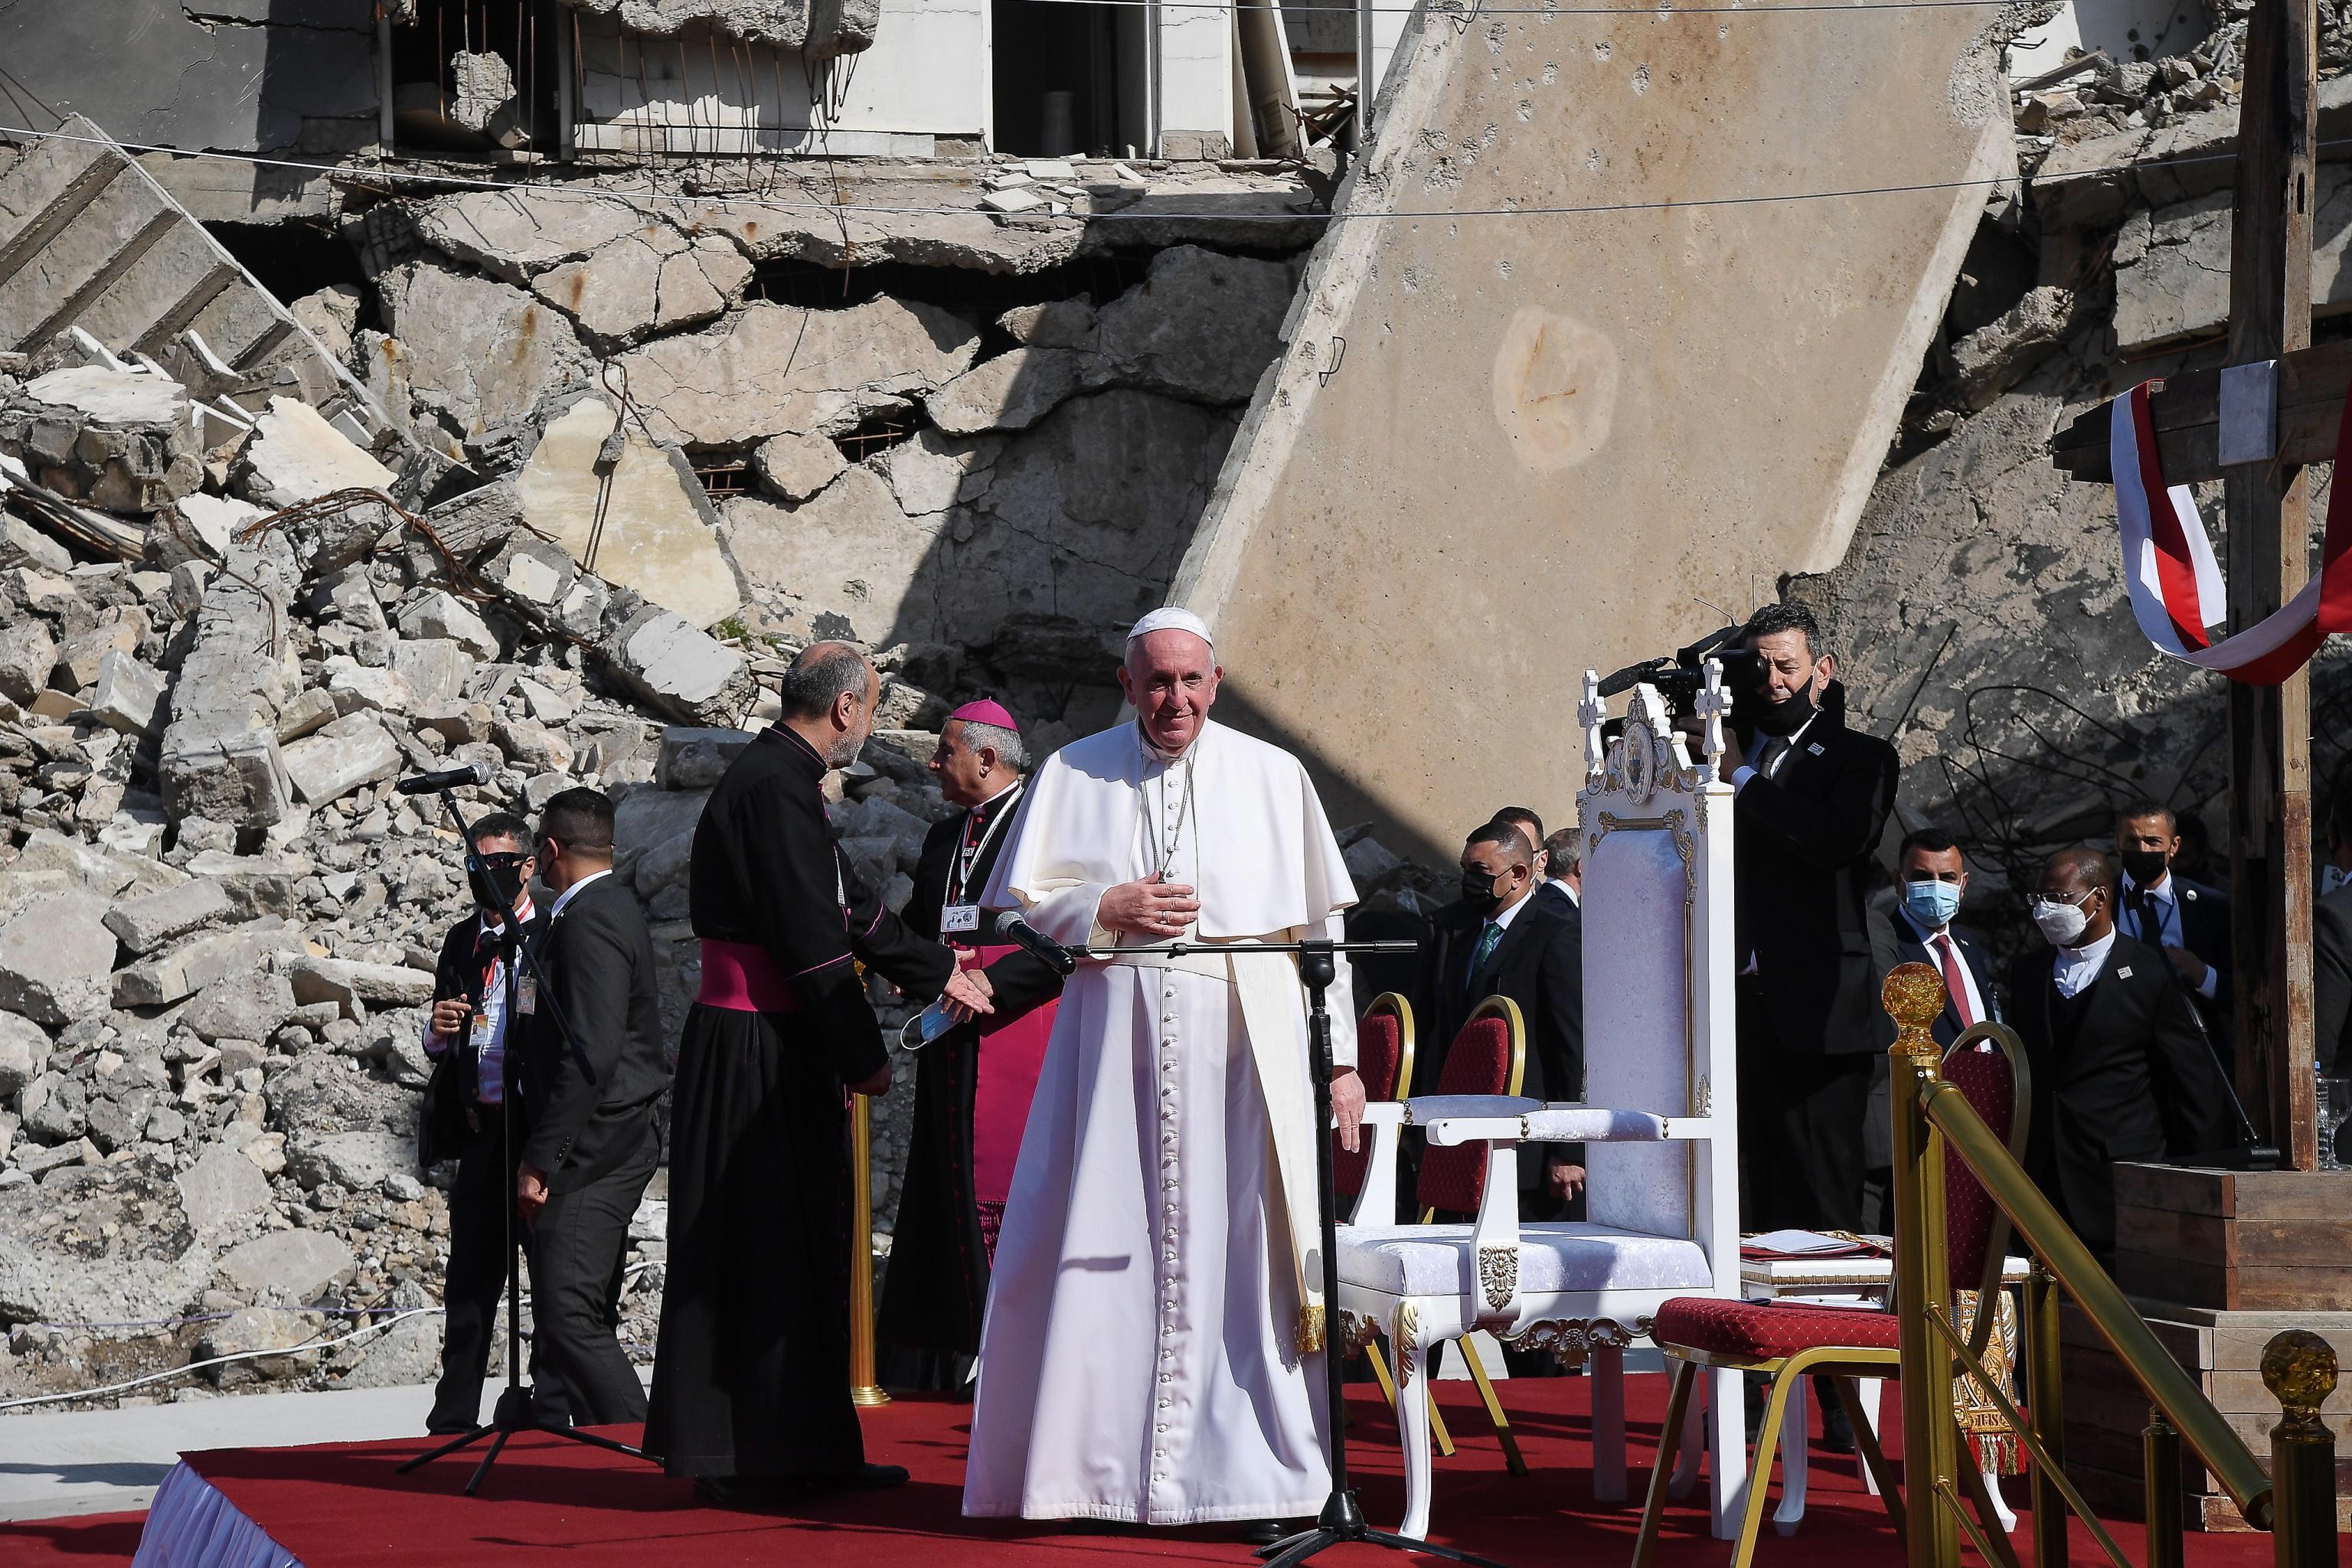 Imagini istorice cu Papa Francisc în ruinele din Mosul, oraș devastat de războiul cu Statul Islamic